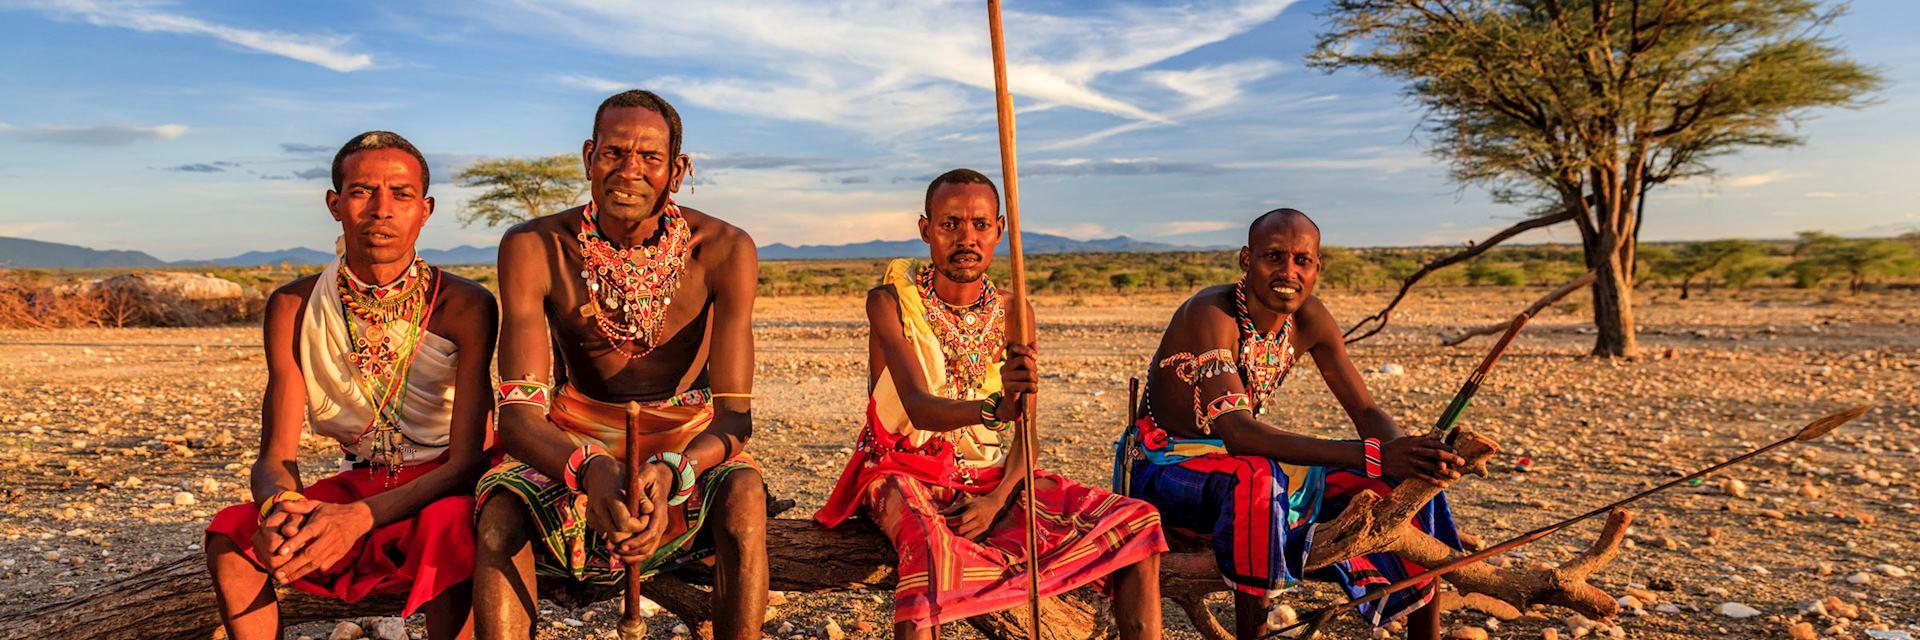 Samburu tribe, Samburu National Reserve